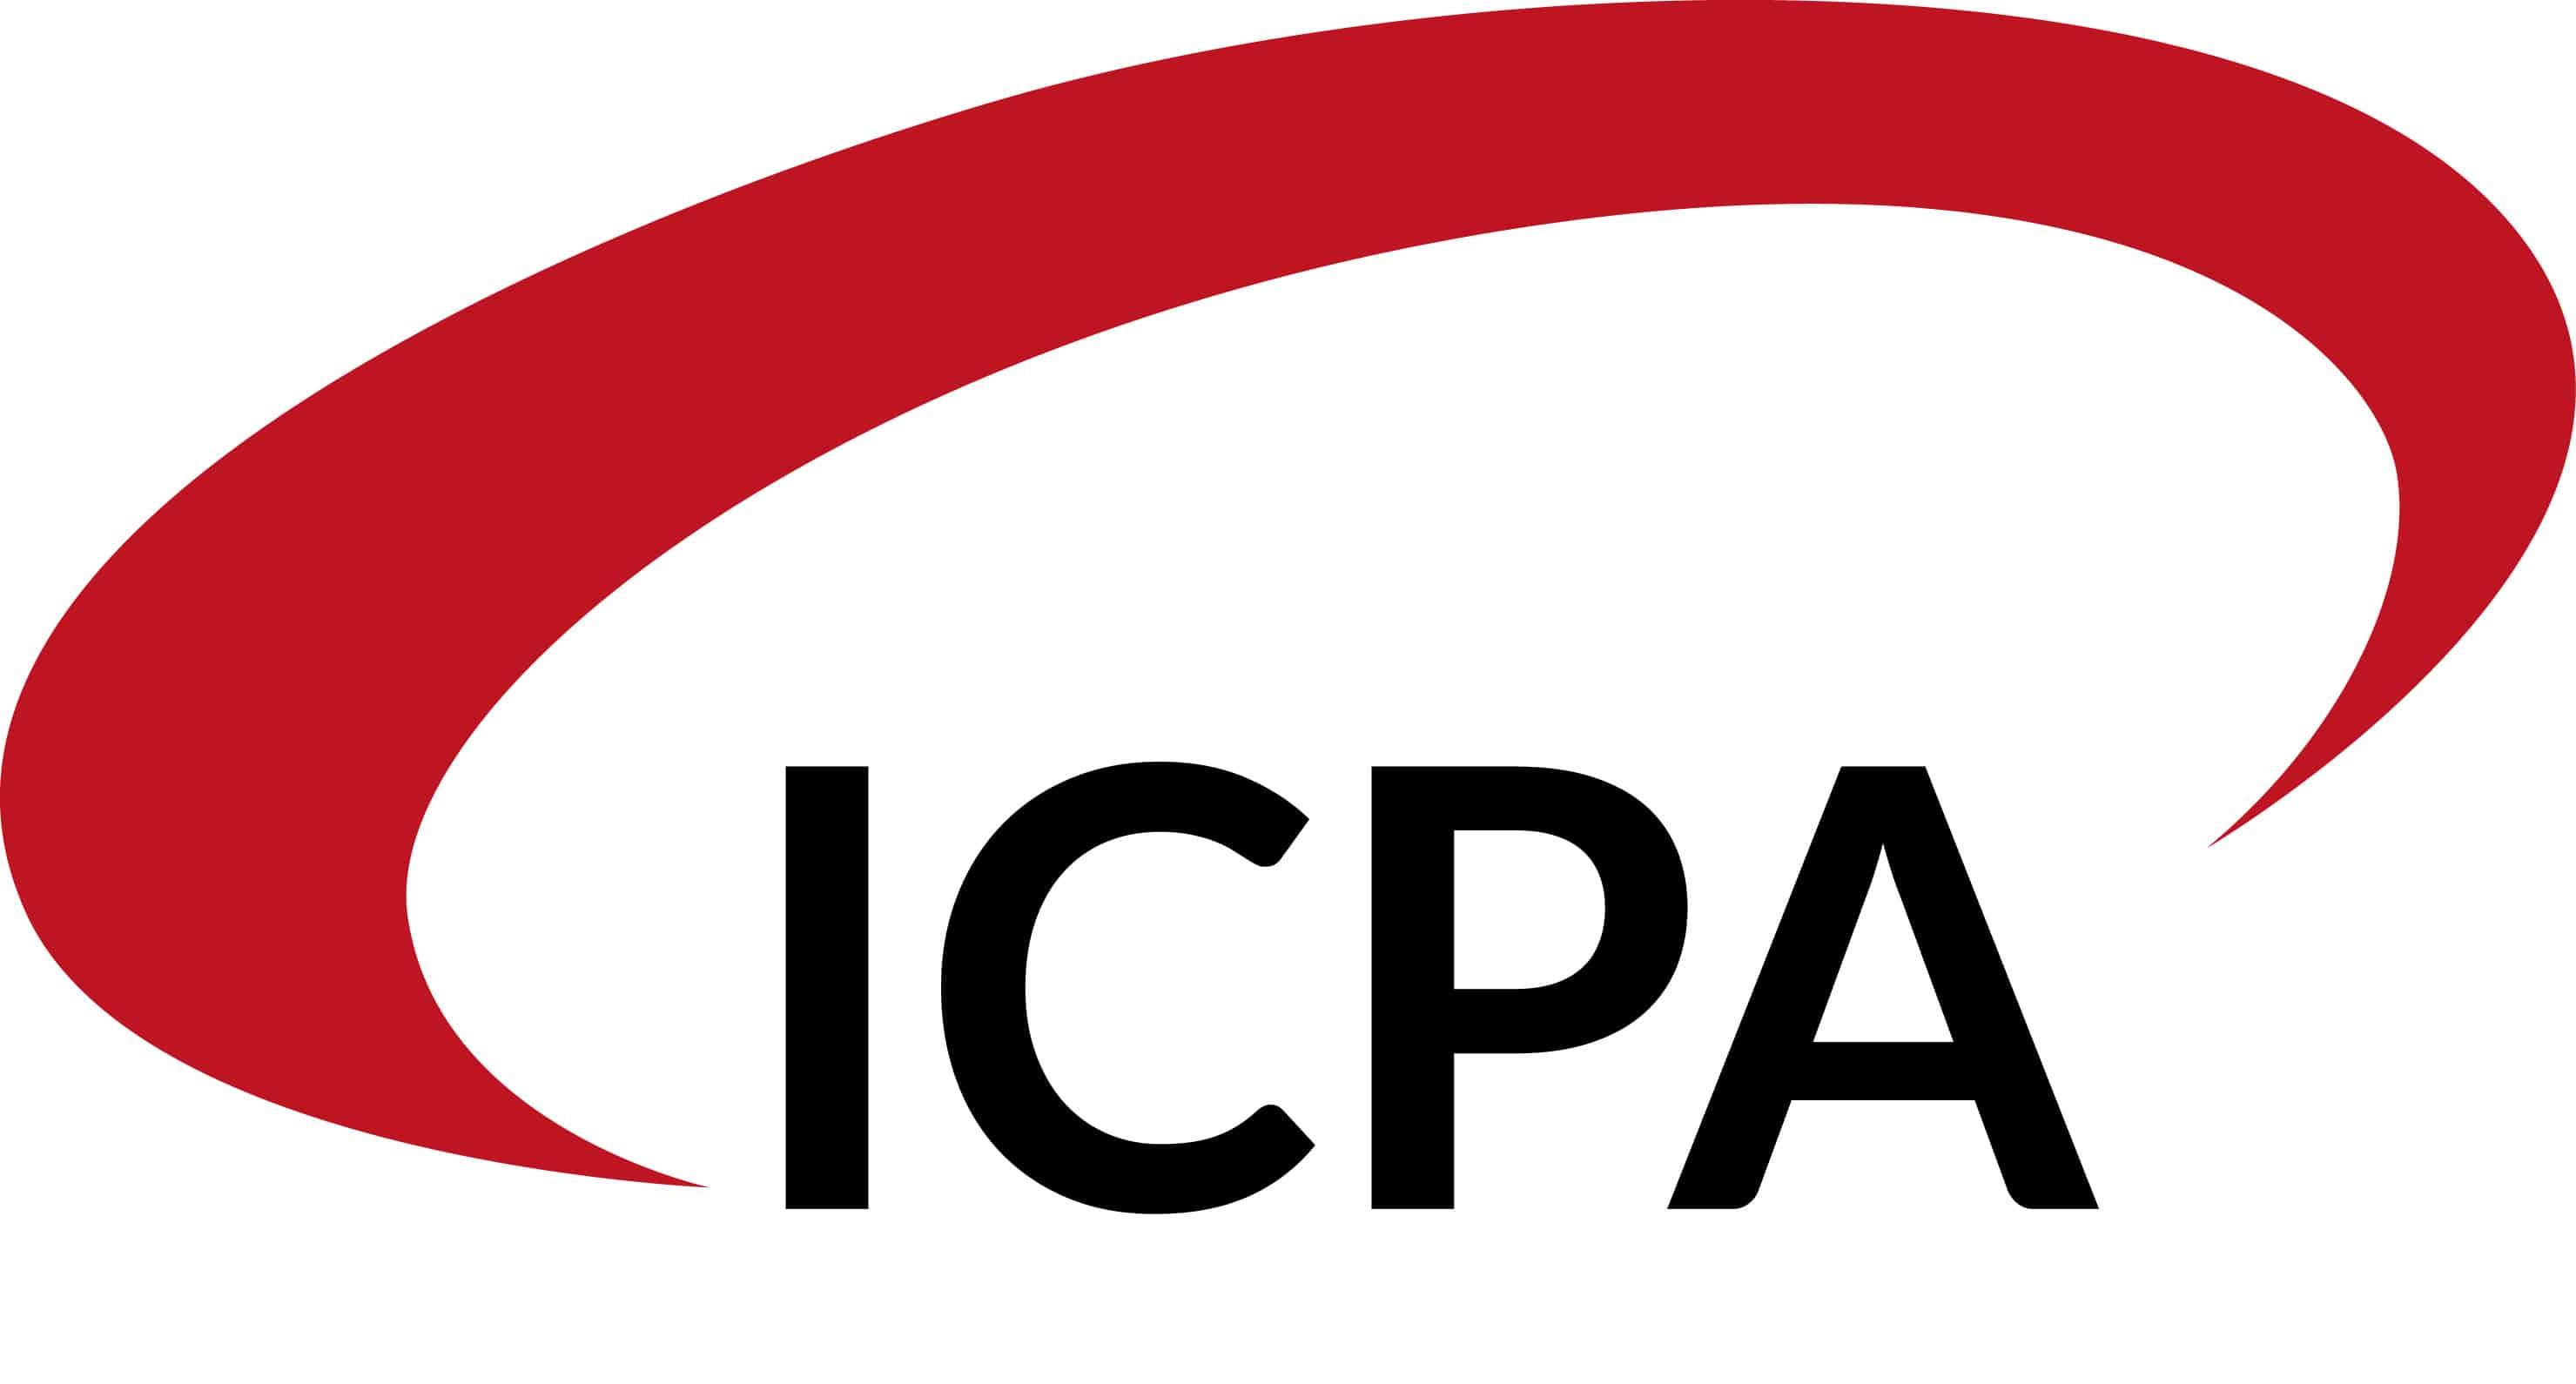 icpa_original_logo_2017